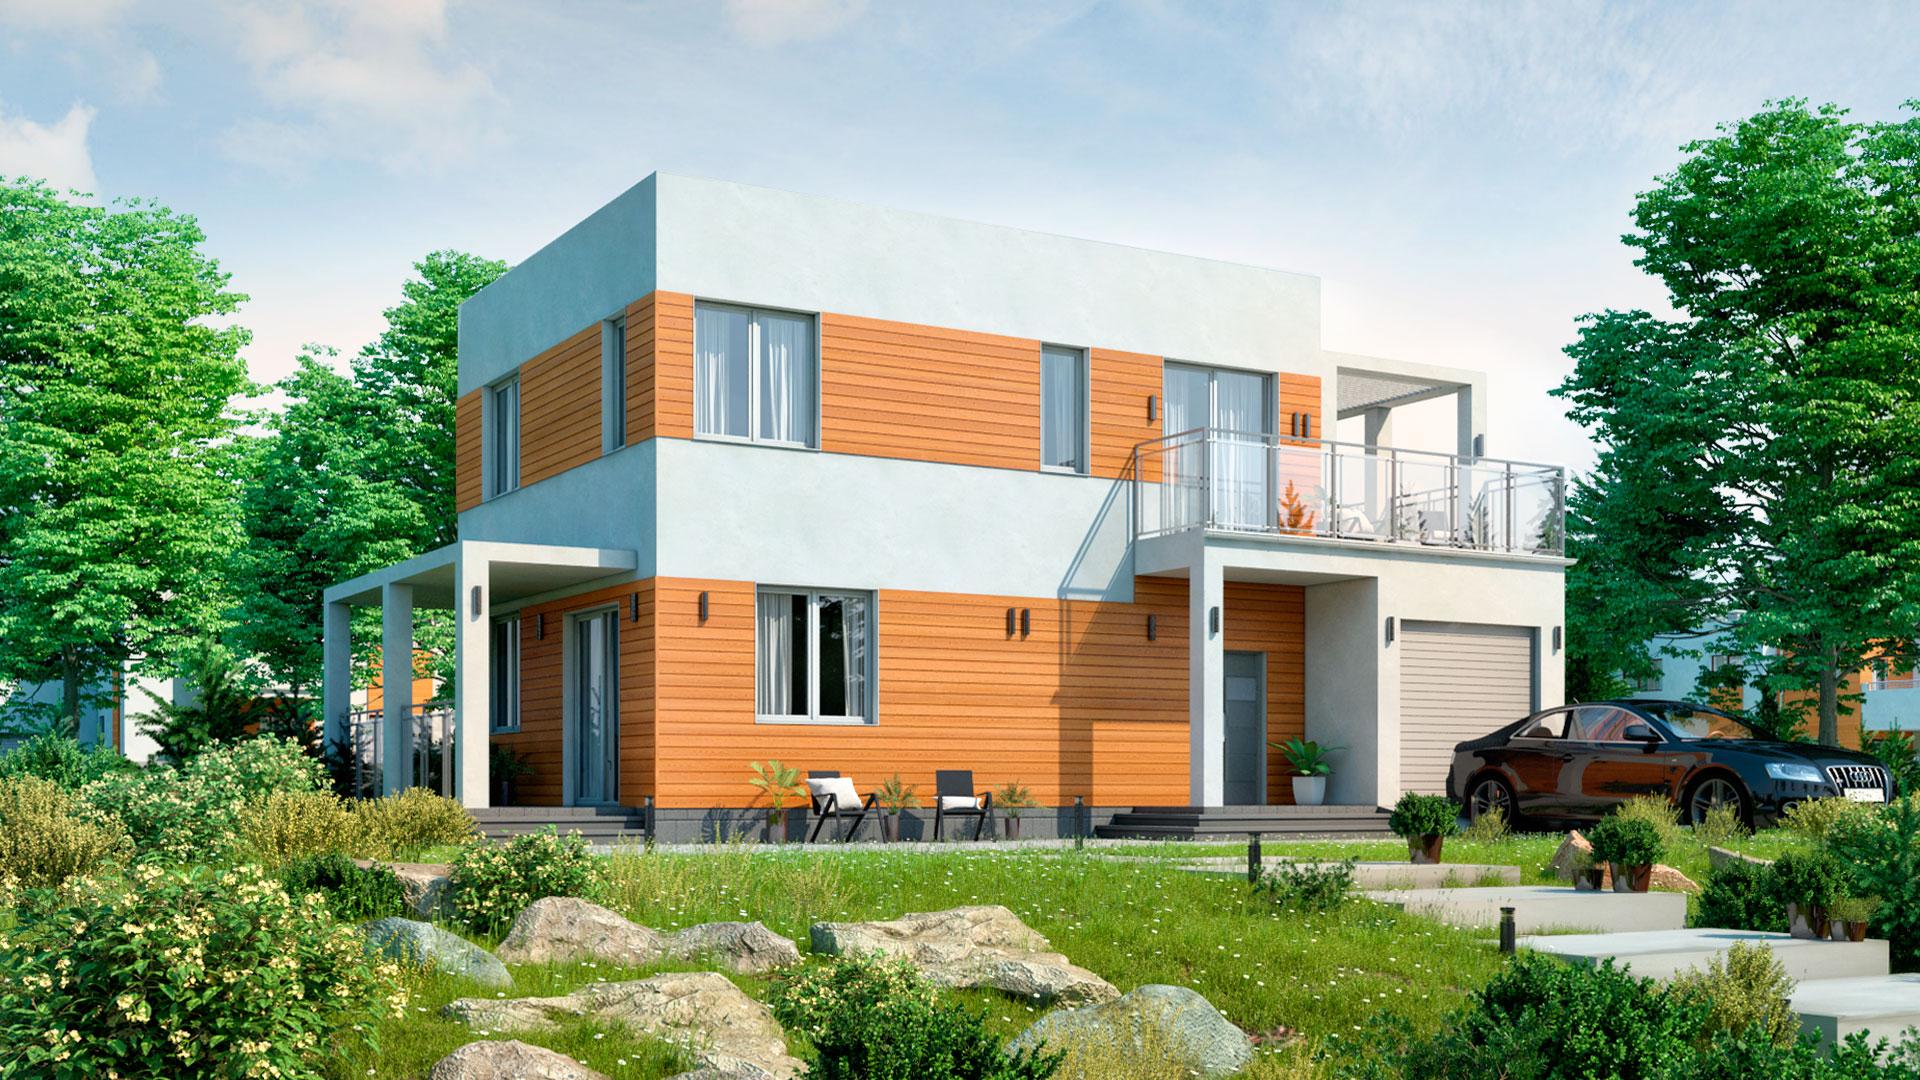 Передний фасад двухэтажного дома с эксплуатируемой крышей, проект БЭНПАН БП-190.